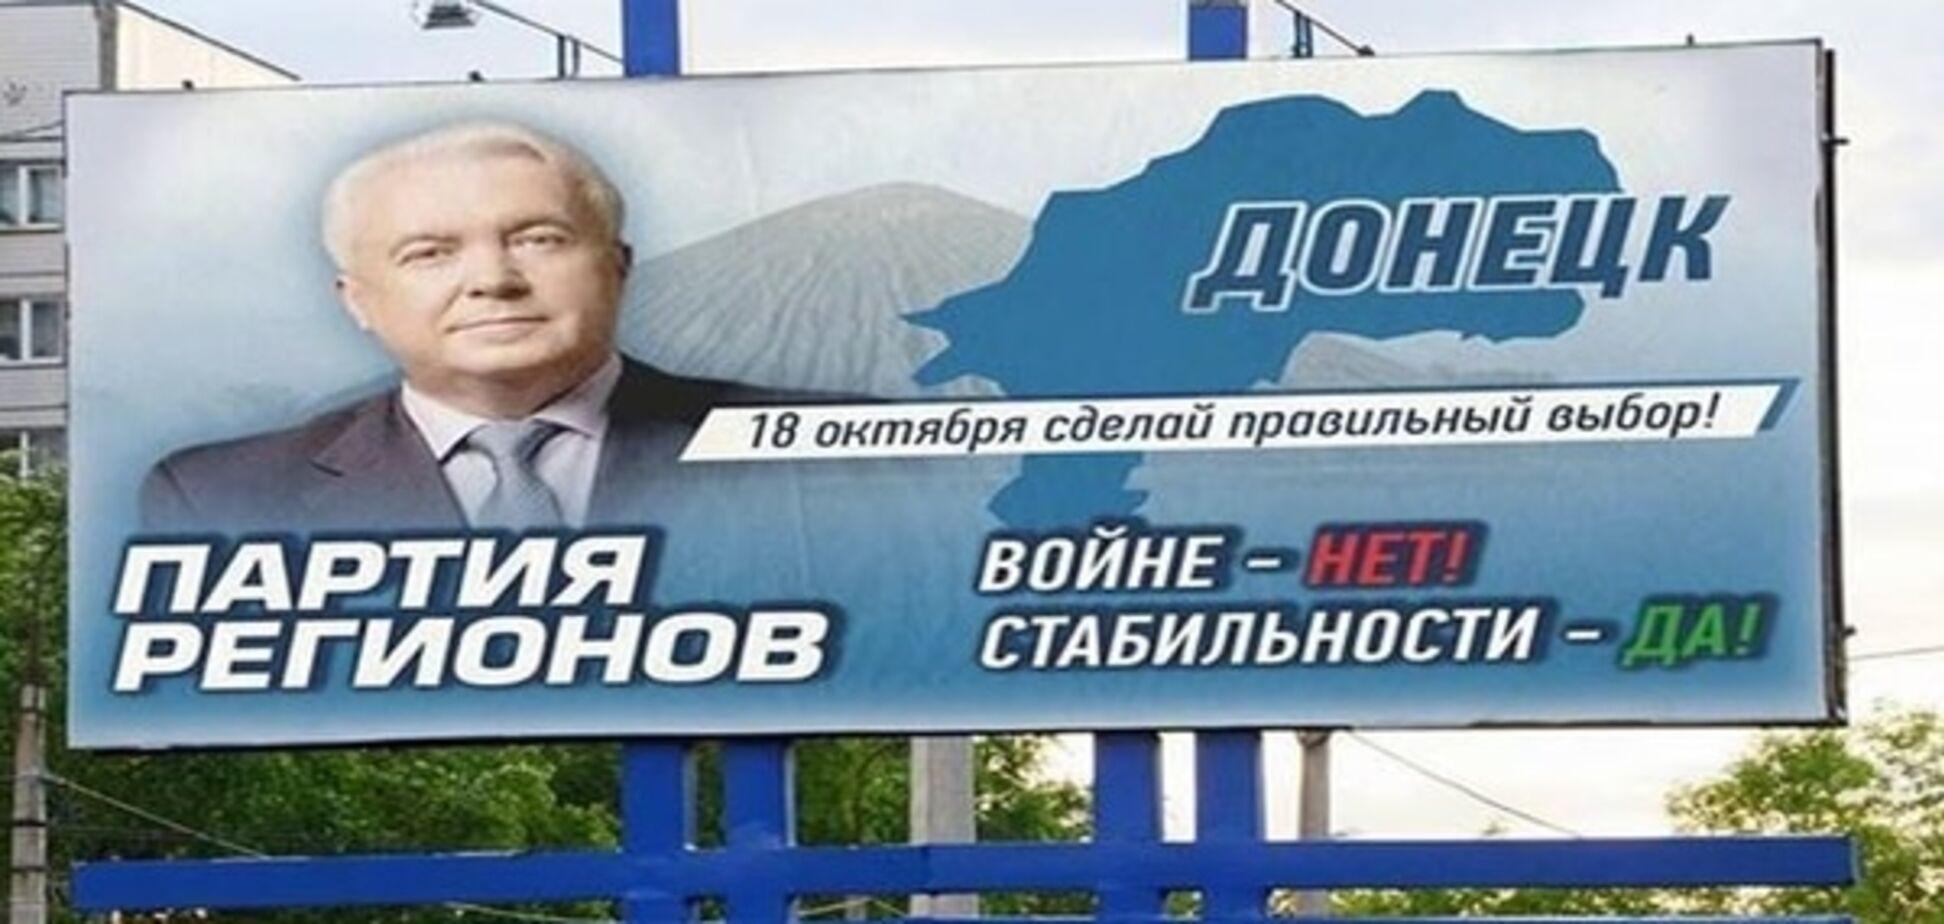 В 'ДНР' развернули агитацию за Партию регионов